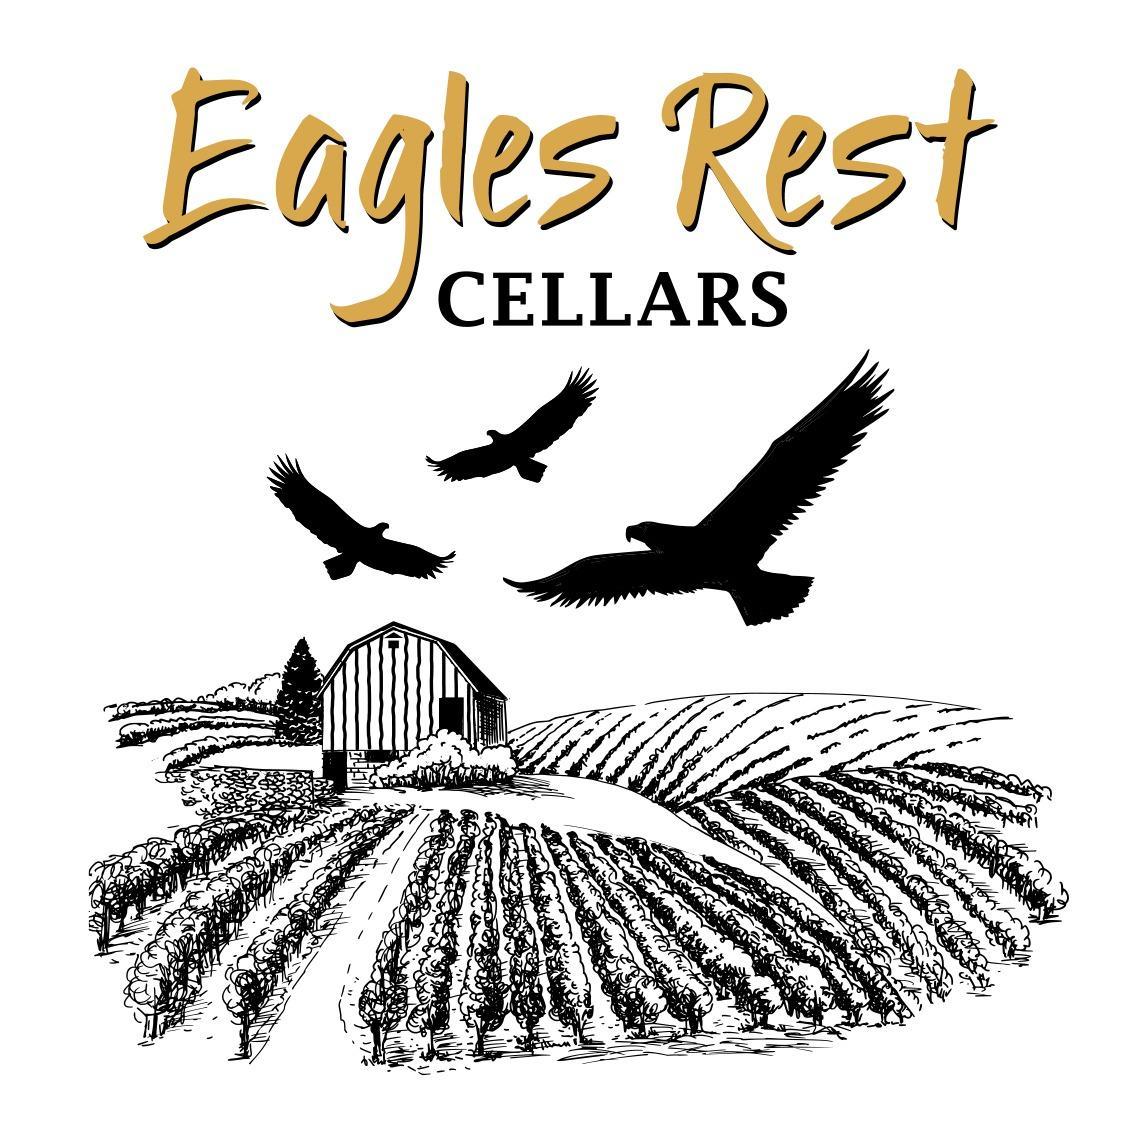 Eagles Rest Cellars image 7